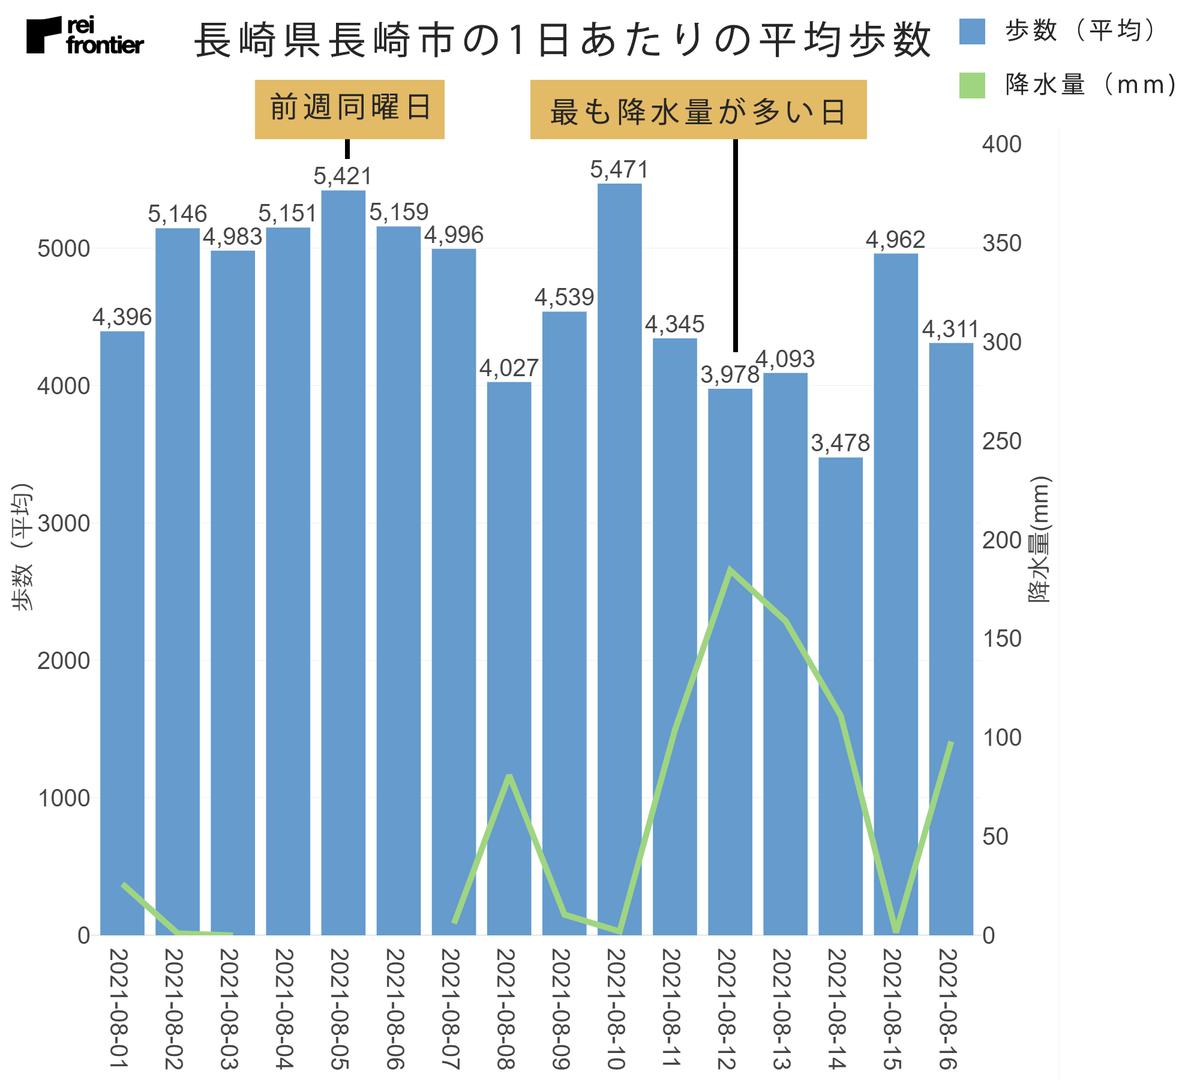 長野県長崎市の1日あたりの平均歩数